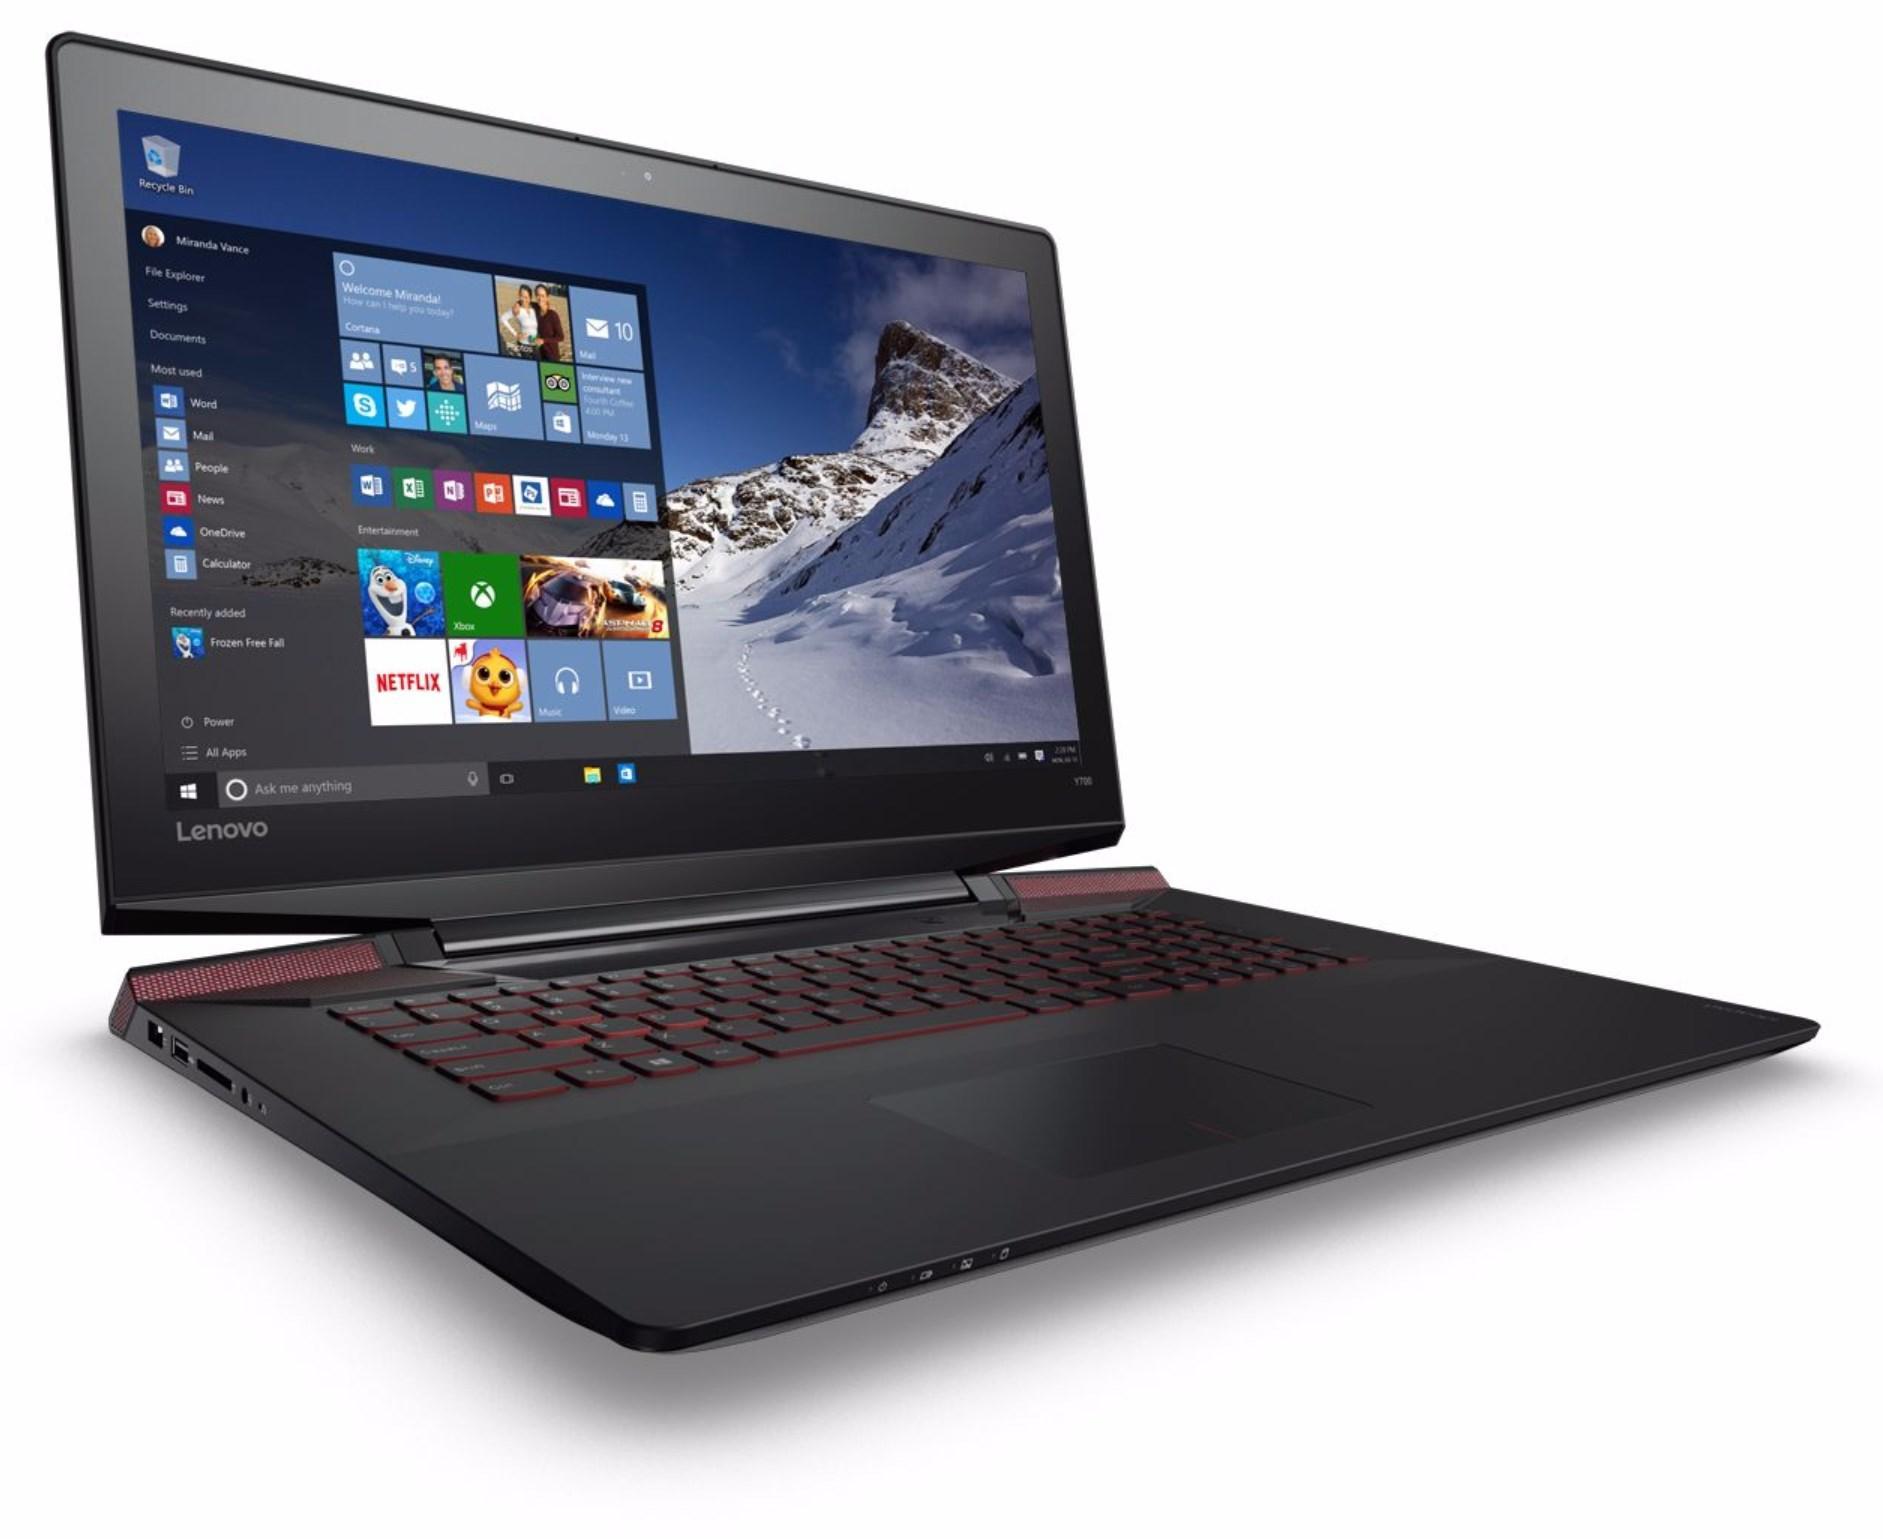 """PC Portable 17.3"""" Lenovo Ideapad Y700-17ISK-7FR - i7-6700HQ, 8 Go de Ram, 256 Go SSD, GeForce GTX960M"""